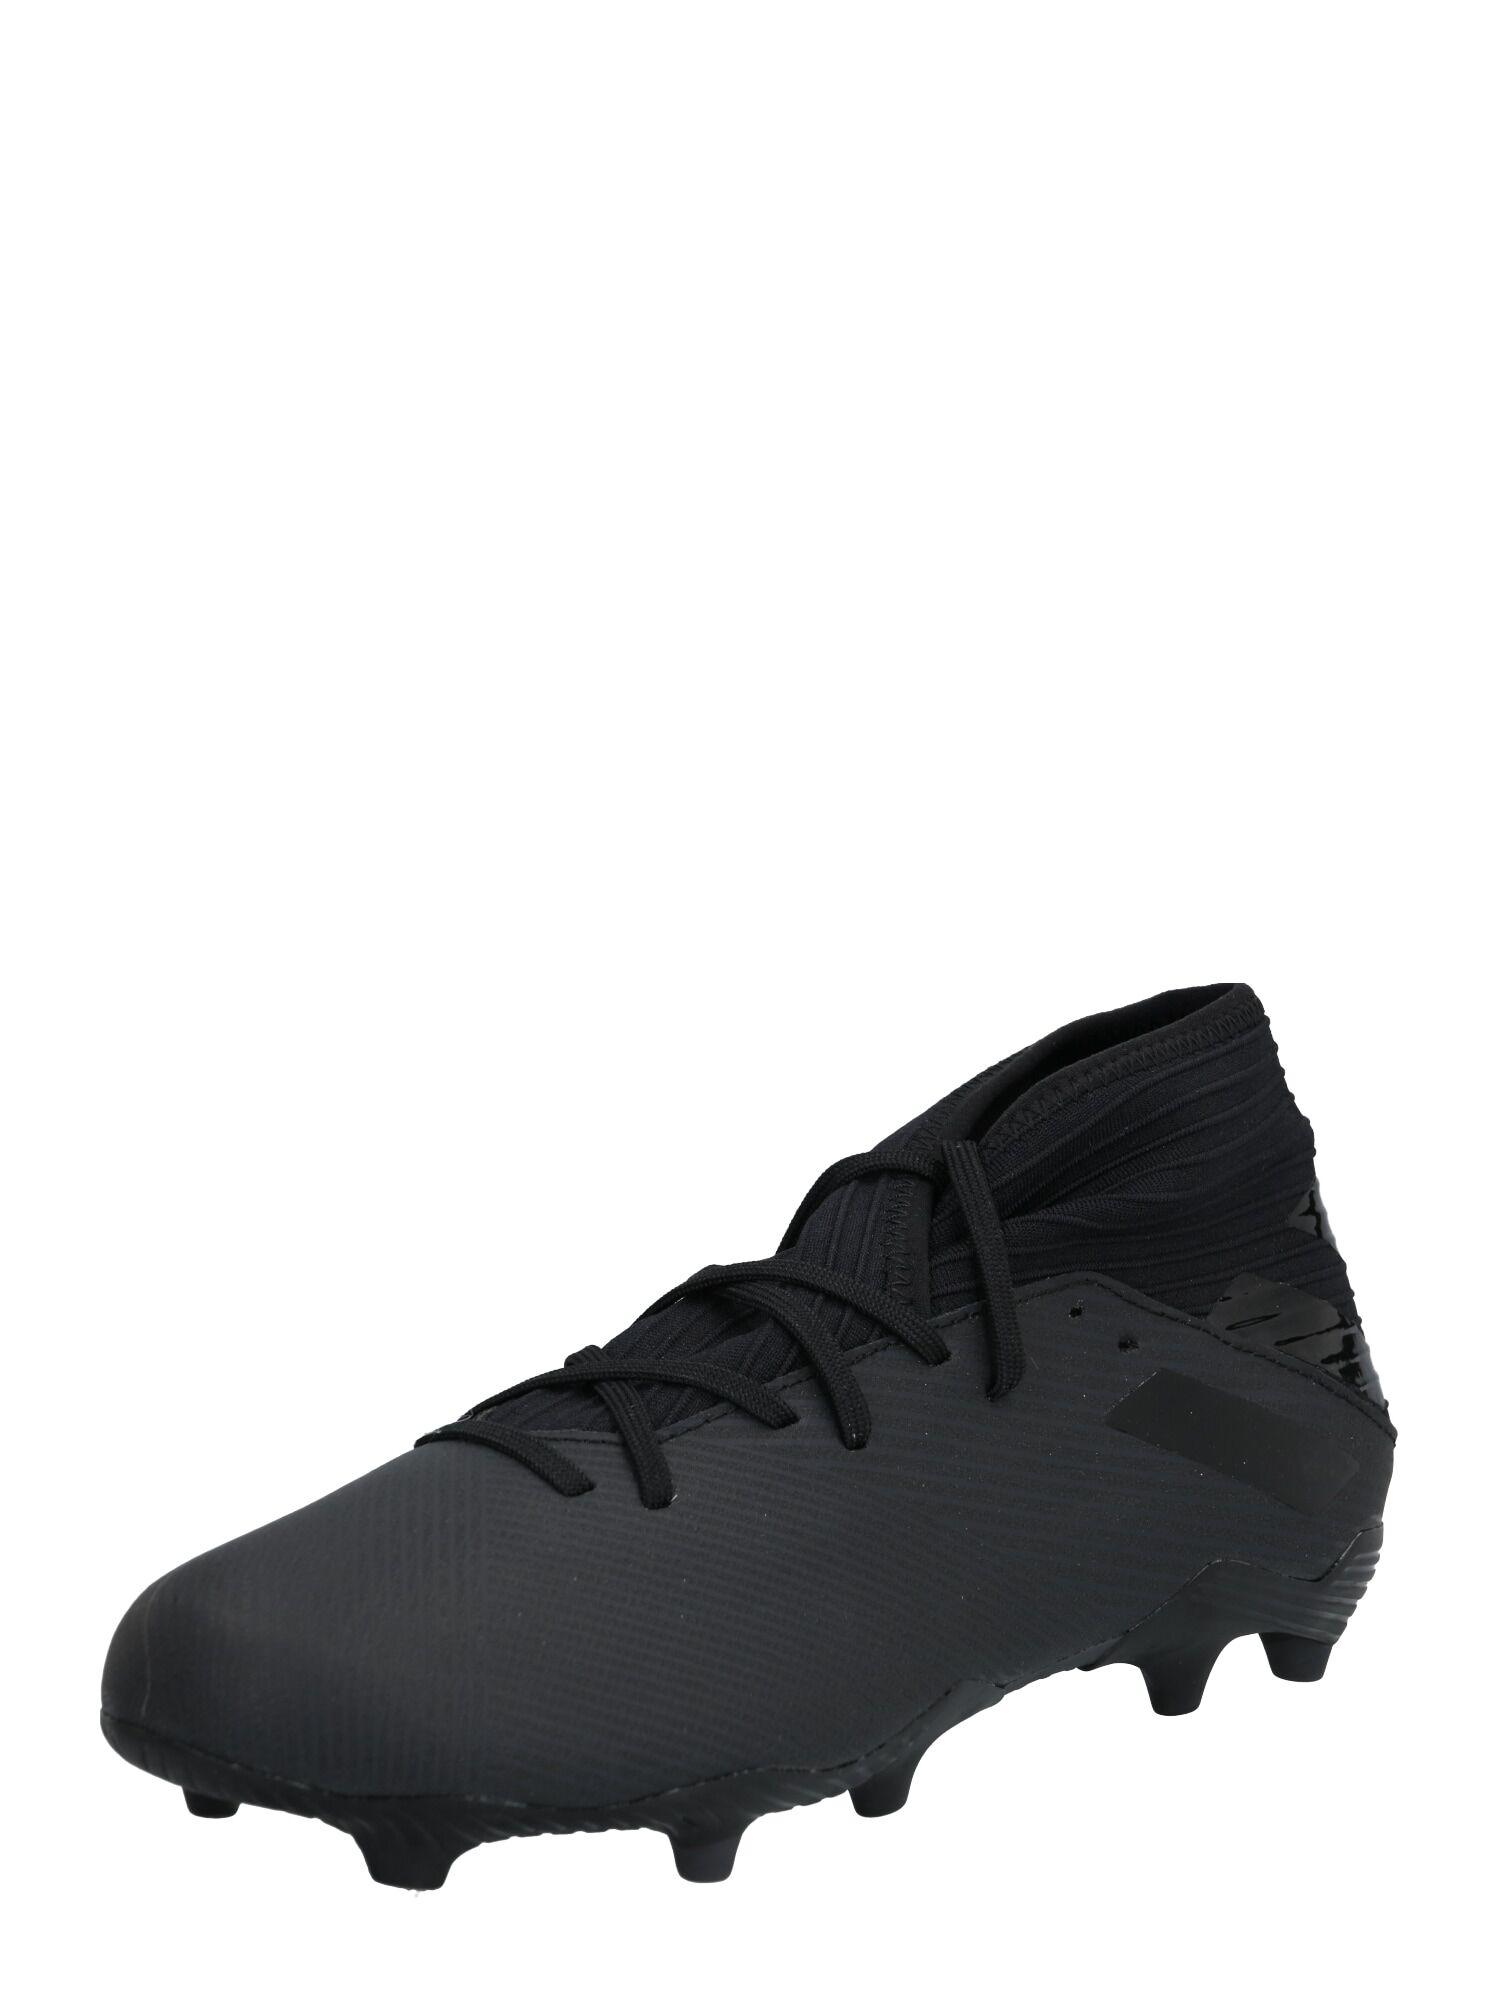 ADIDAS PERFORMANCE Chaussure de foot 'Nemeziz 19.3 FG'  - Noir - Taille: 46 - male